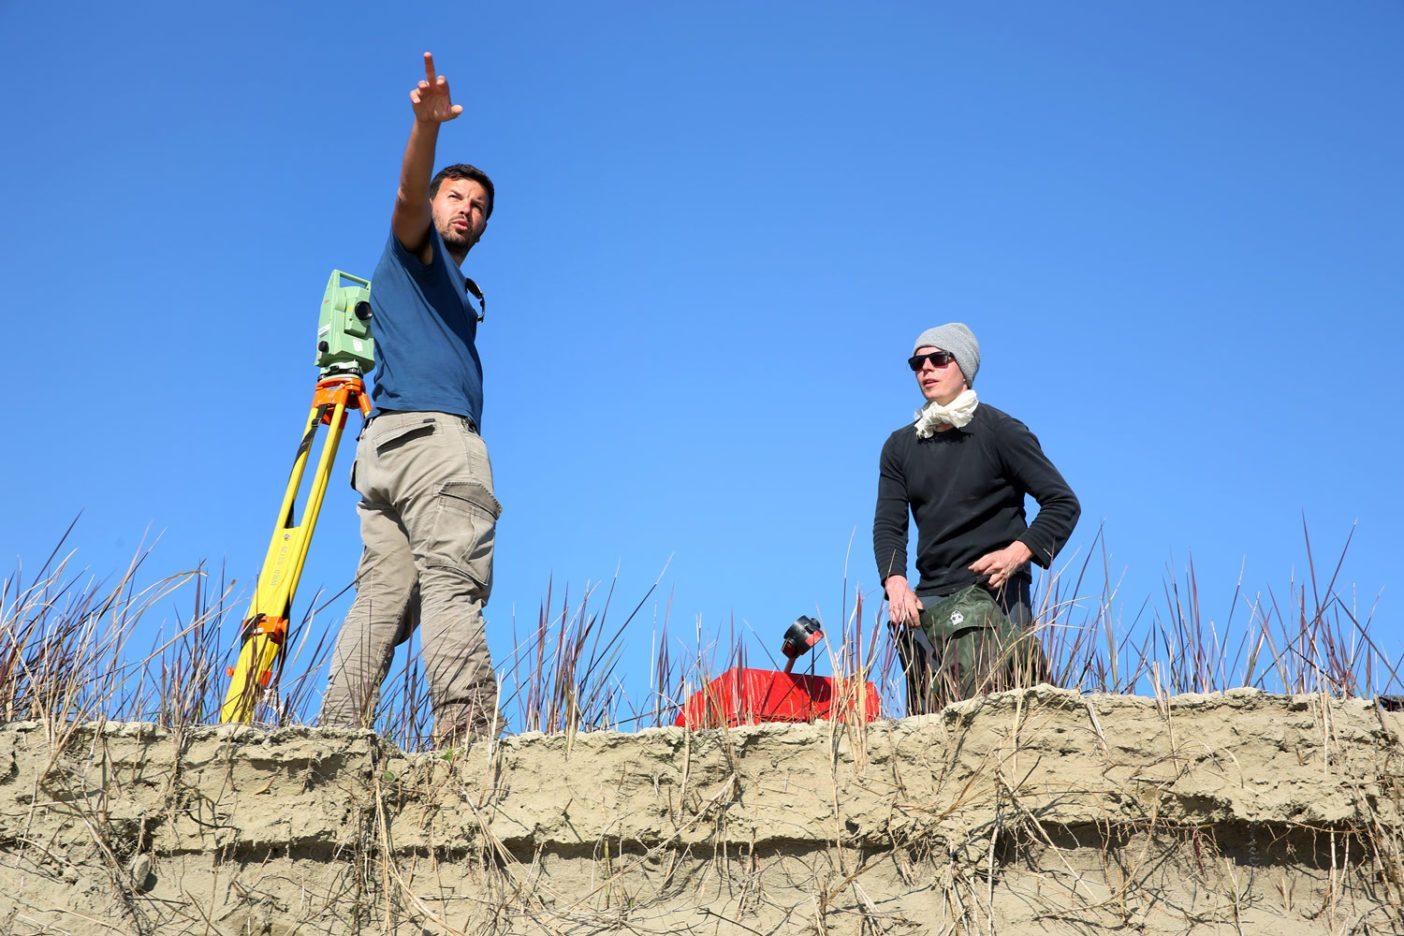 かつて調査されたことのないビョサ川の川床をはじめて測定するクリストフ・ハウアー(右)と、ティラナ工科大学のアルバニア人の同僚クロディアン・スクラメ(左)。 Photo: © jens-steingaesser.de